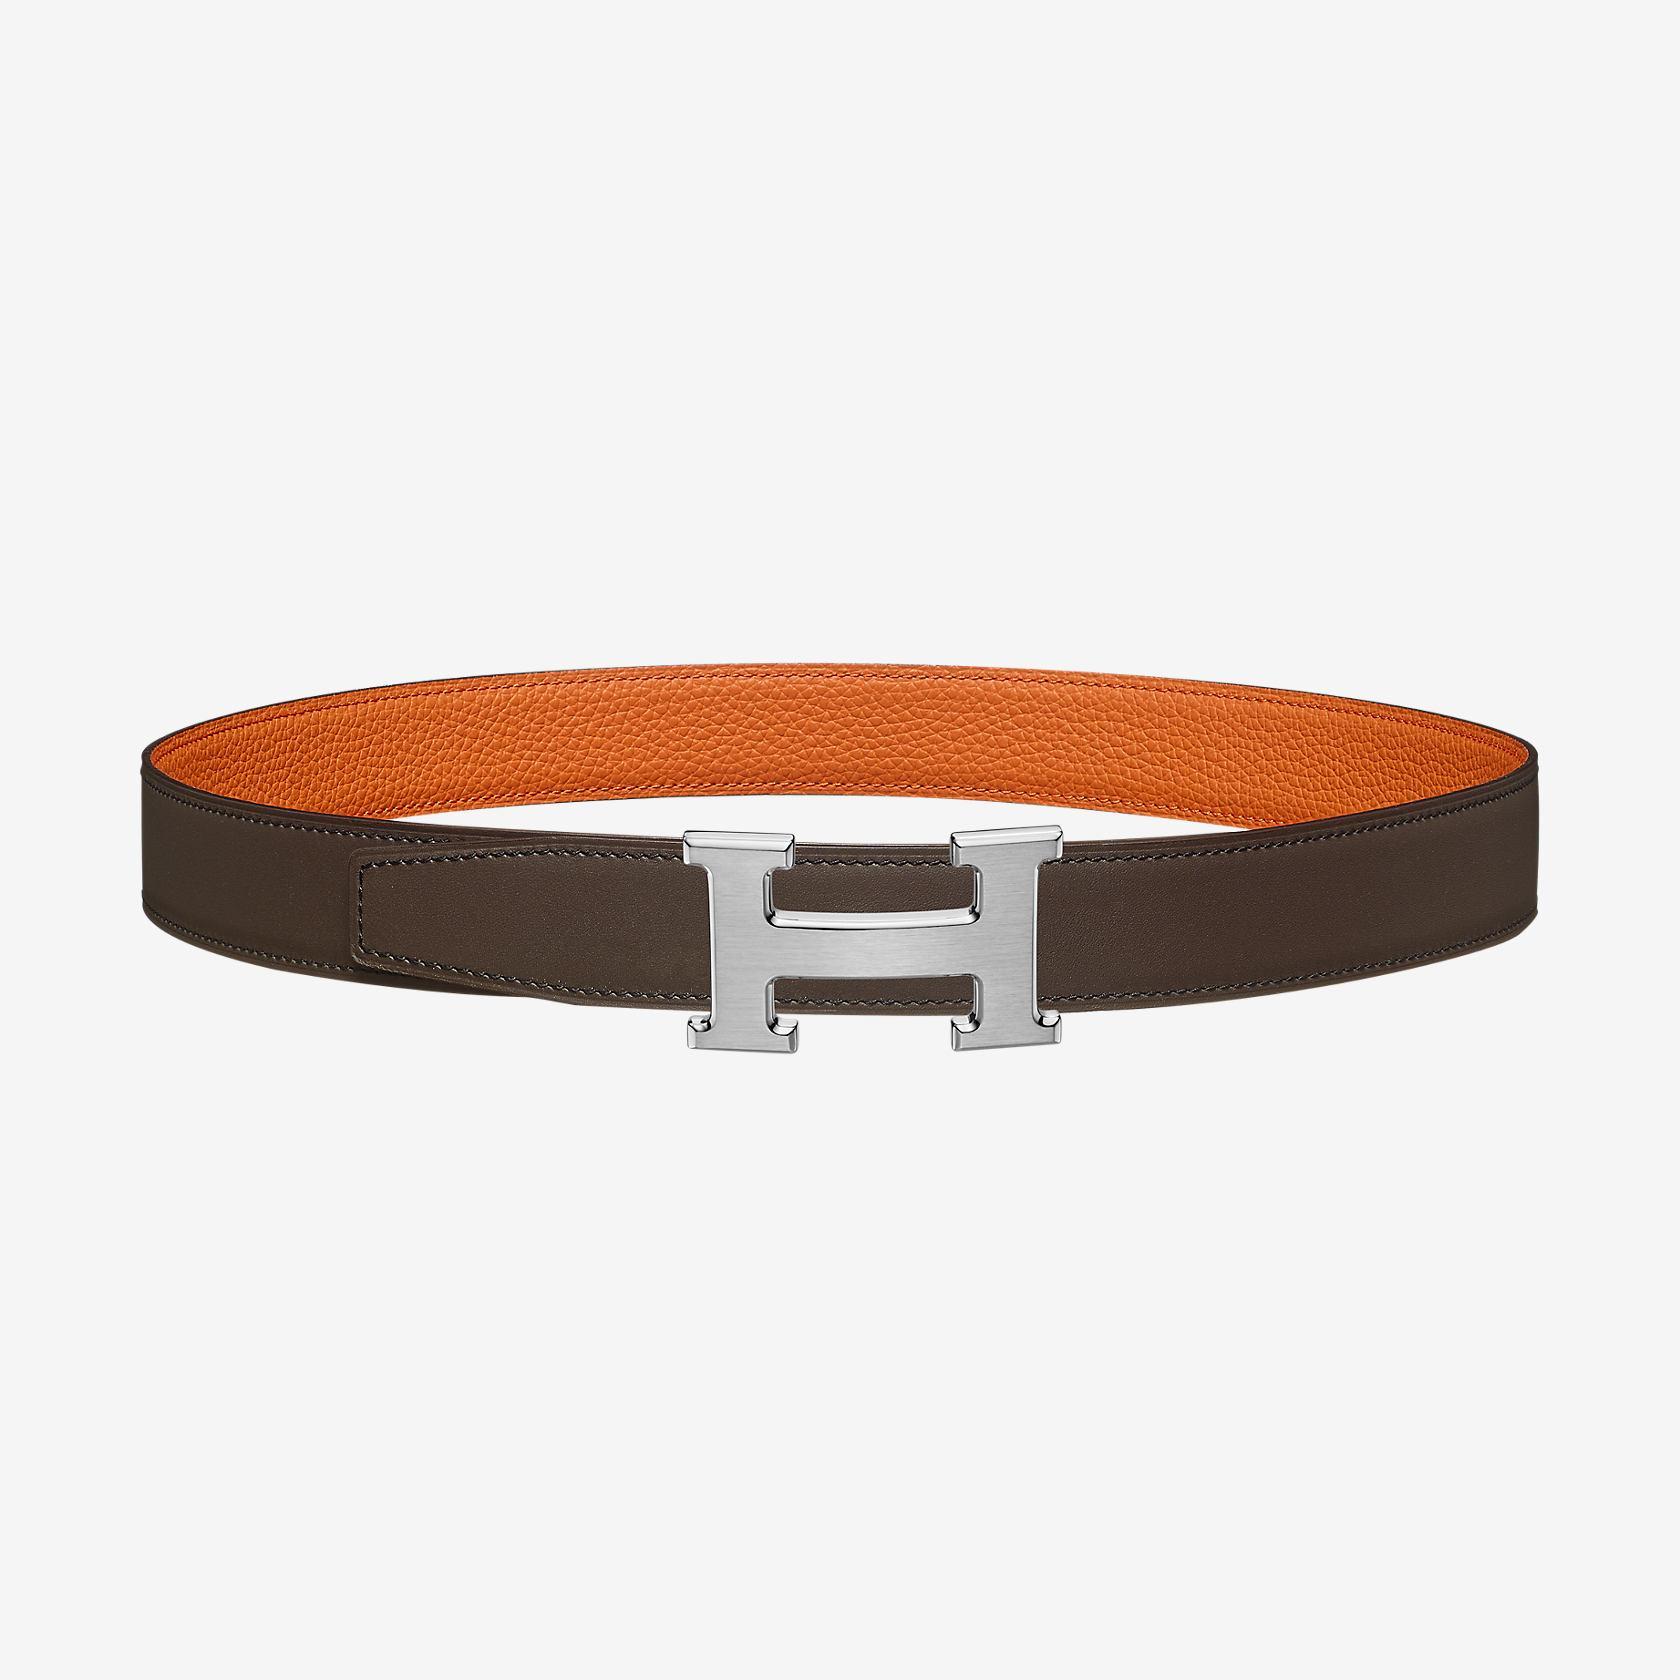 84a685bbbe47 Boucle de ceinture H   Cuir de ceinture réversible 32 mm   Hermès